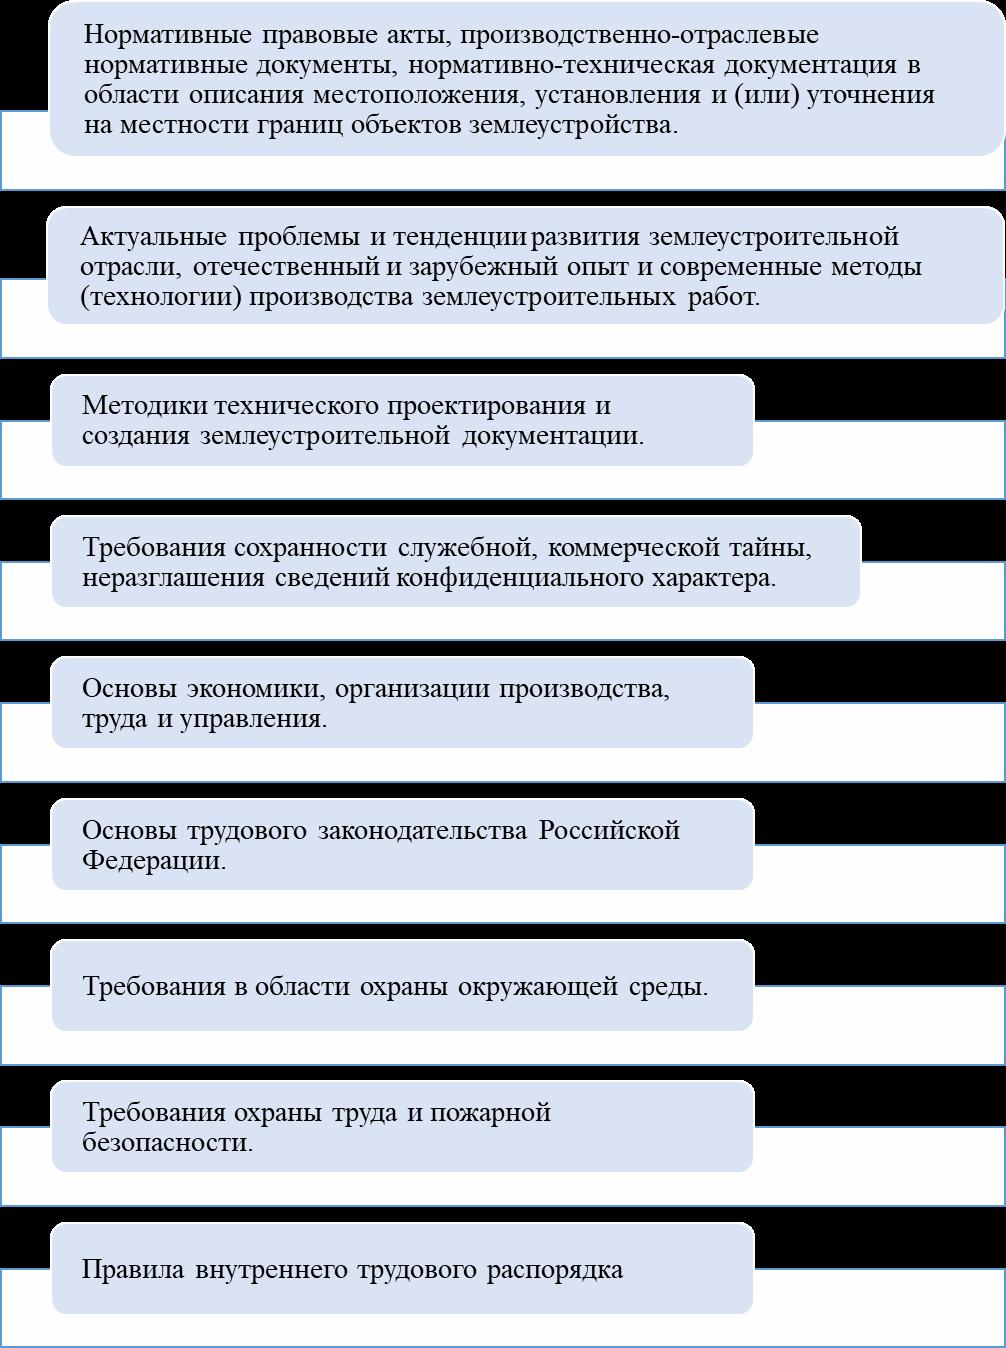 word image 114 Мониторинг и анализ образовательной деятельности образовательных организаций аграрного профиля в условиях «регуляторной гильотины»